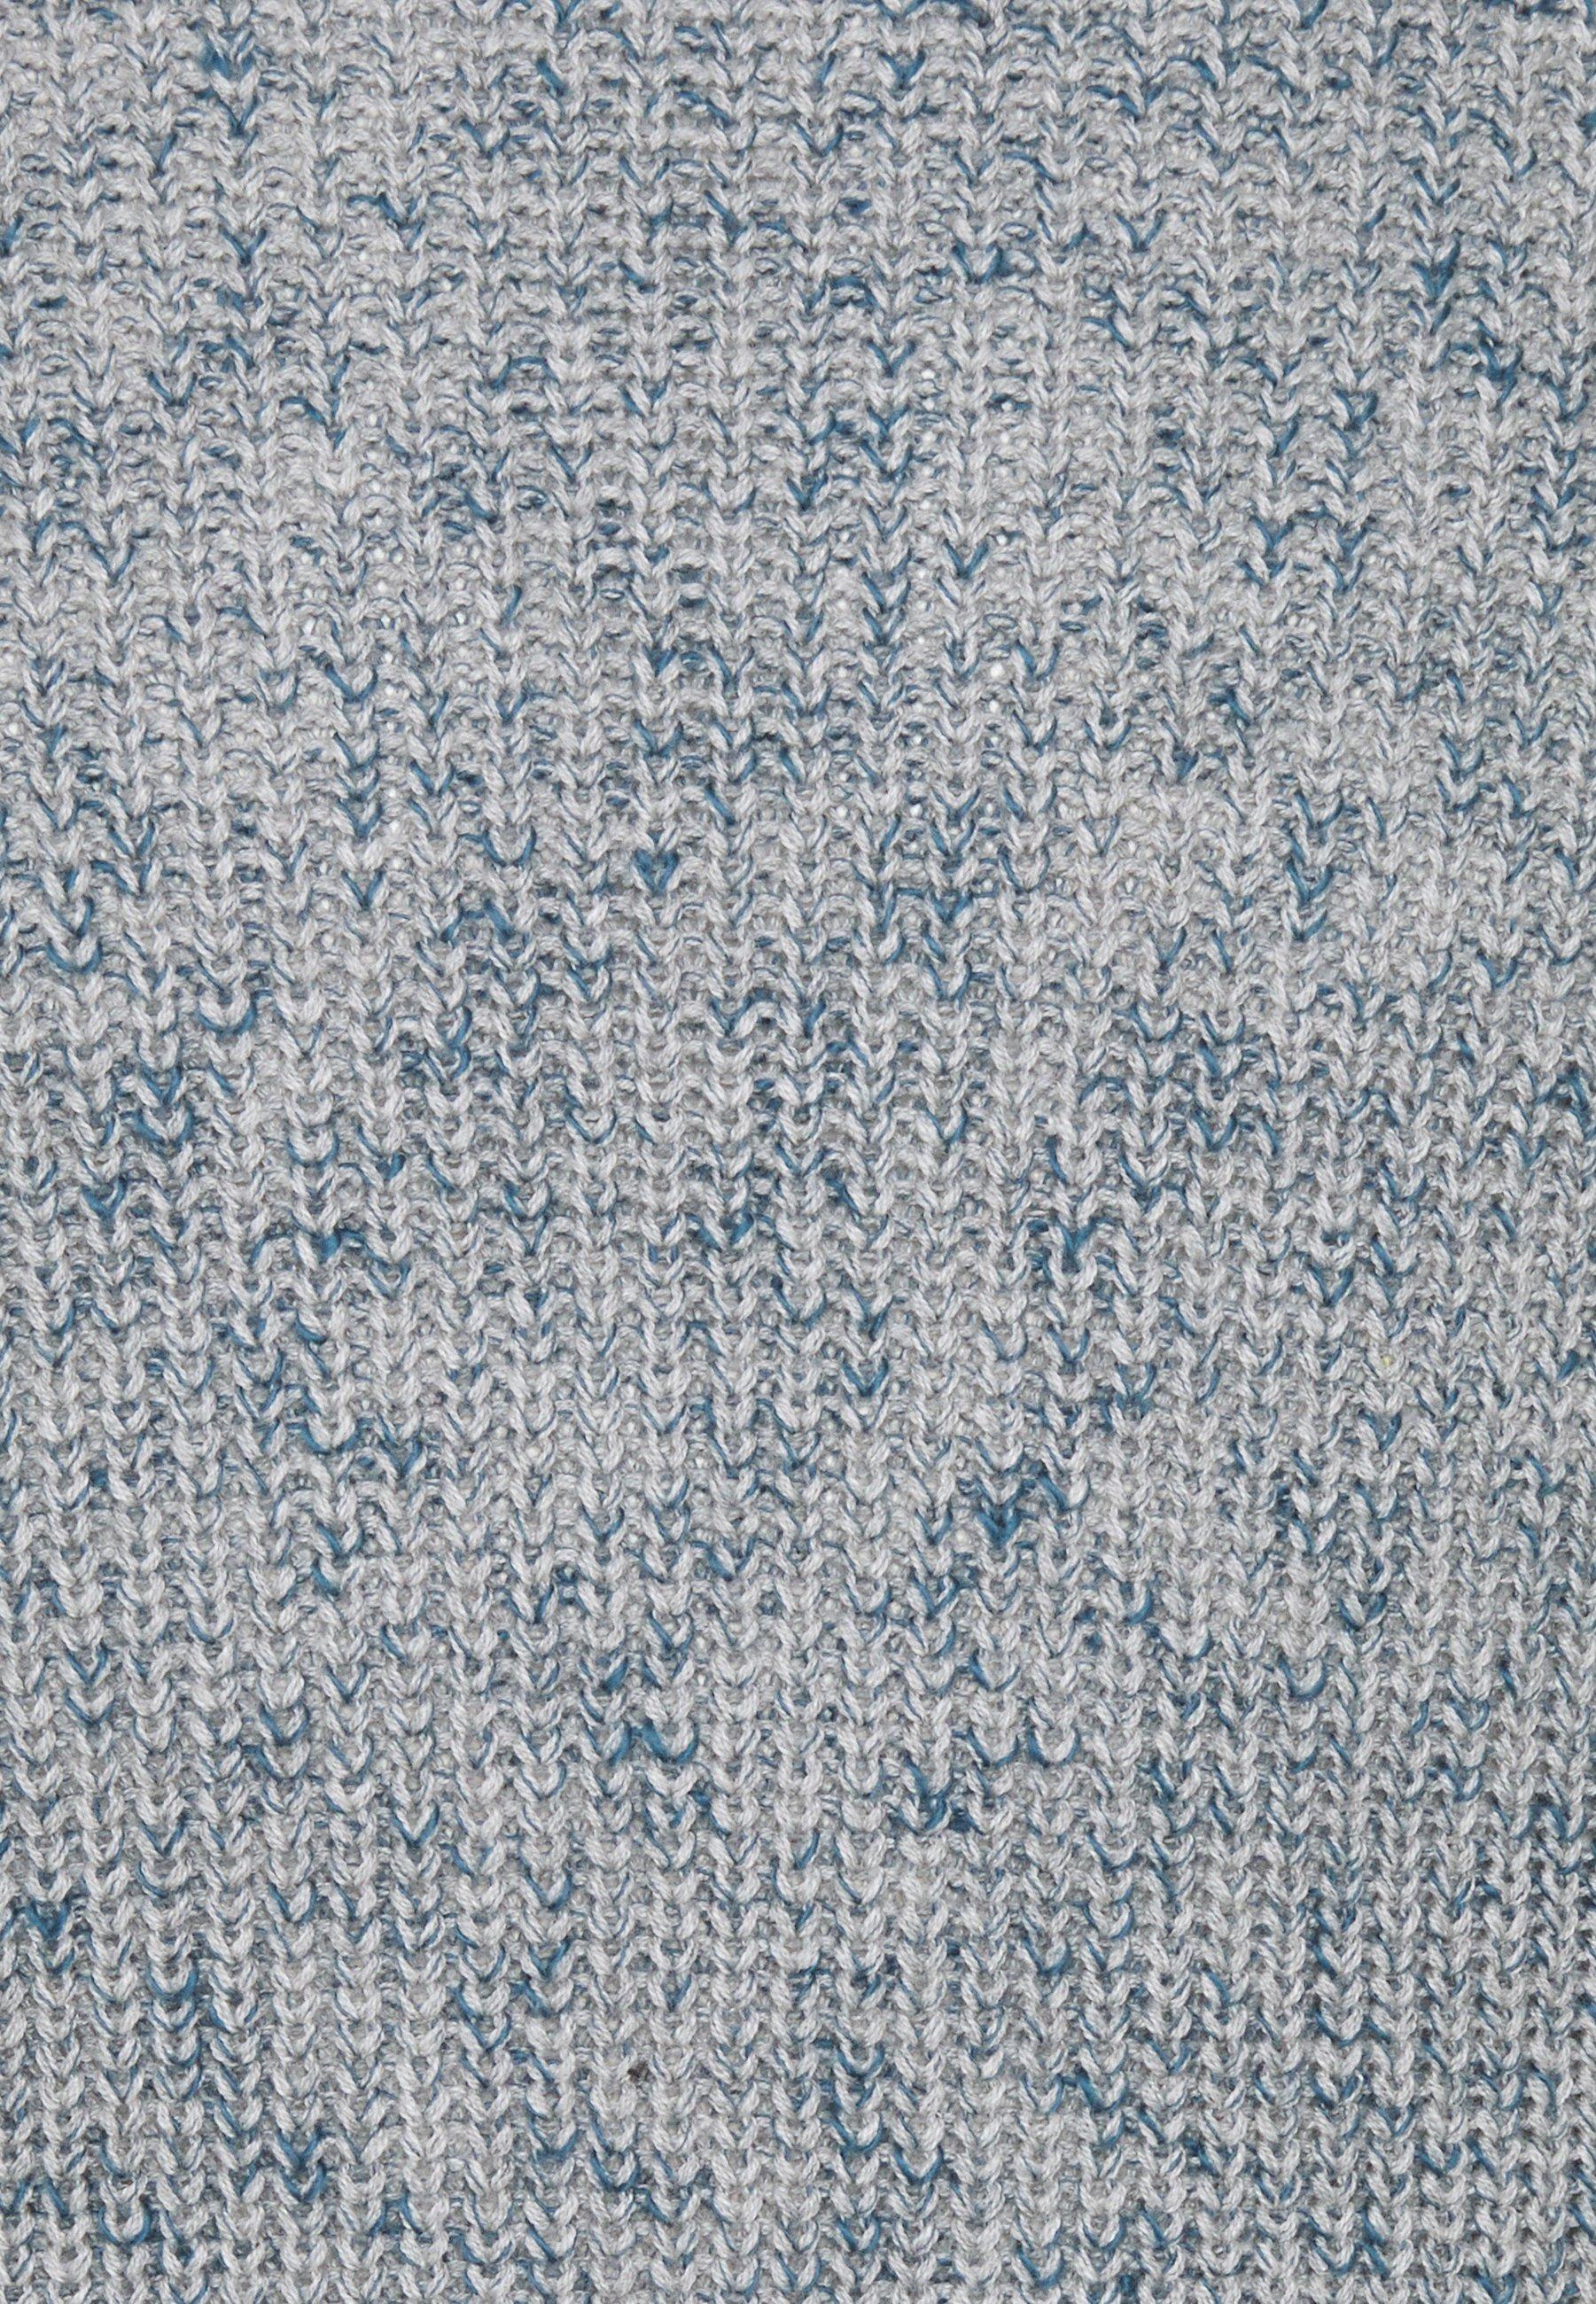 Blend Strickpullover - Blue/grey